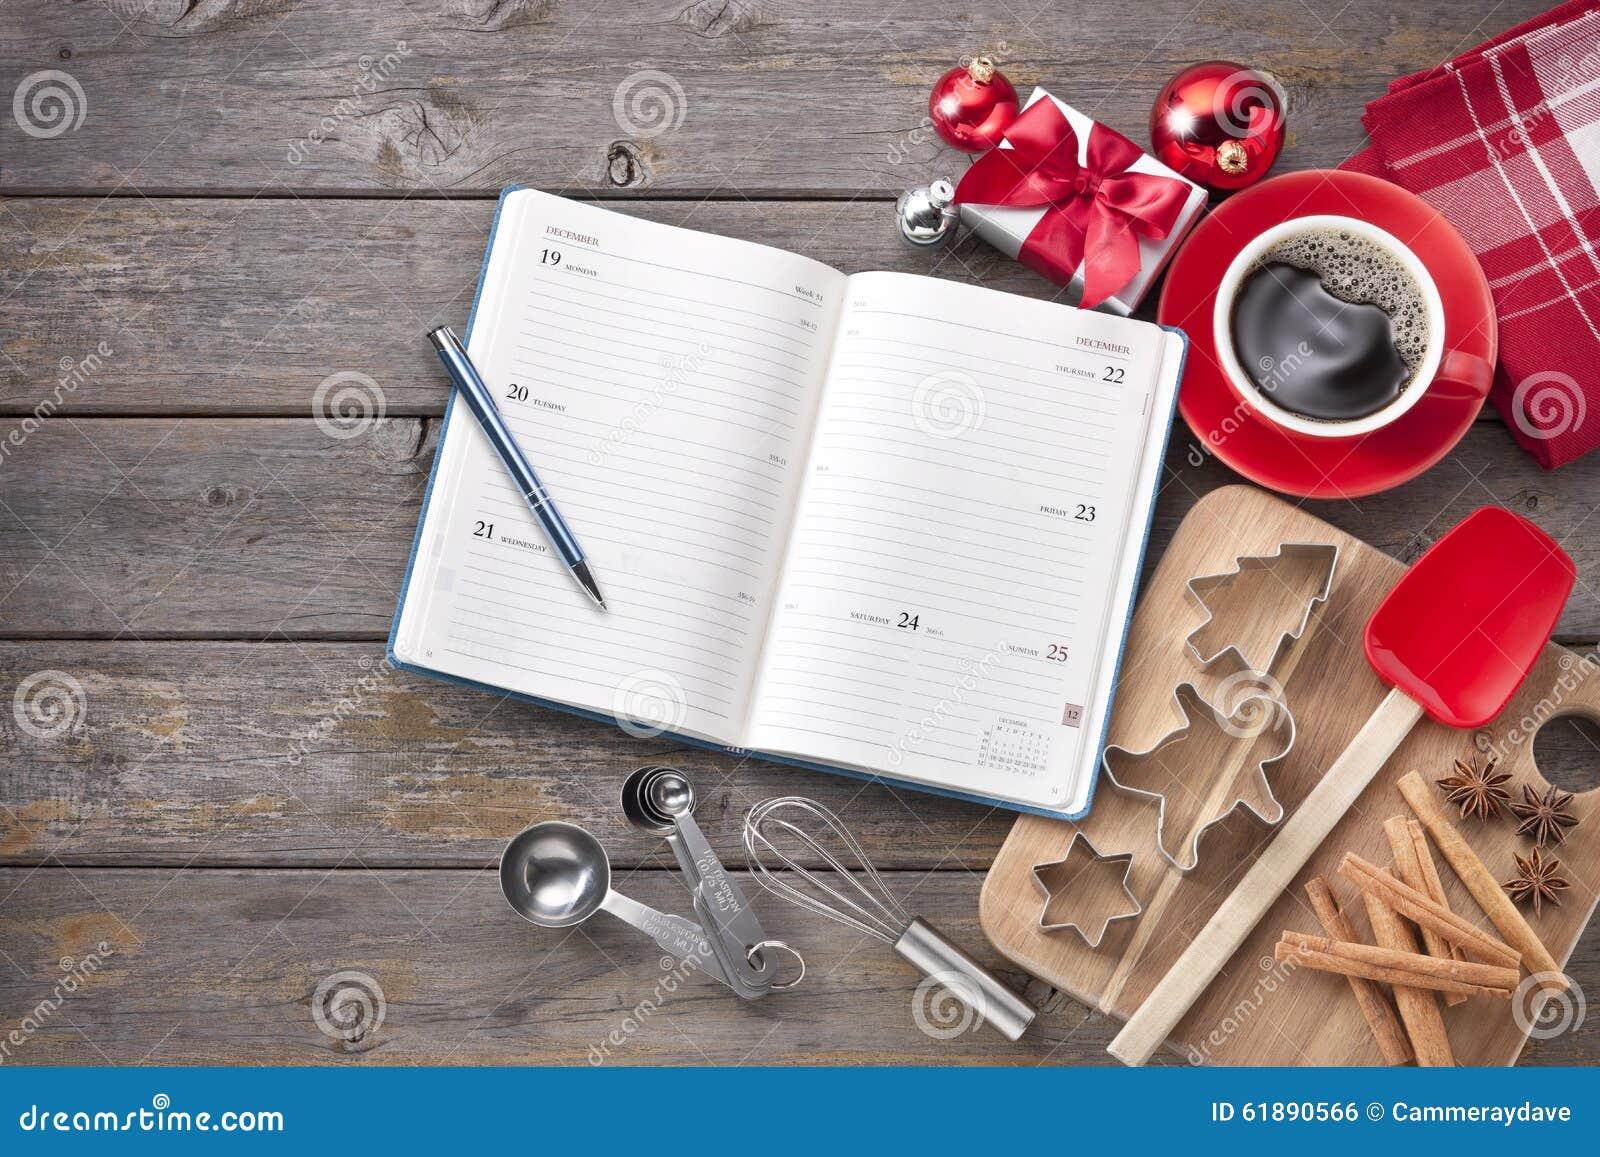 Christmas Calendar Baking Organiser